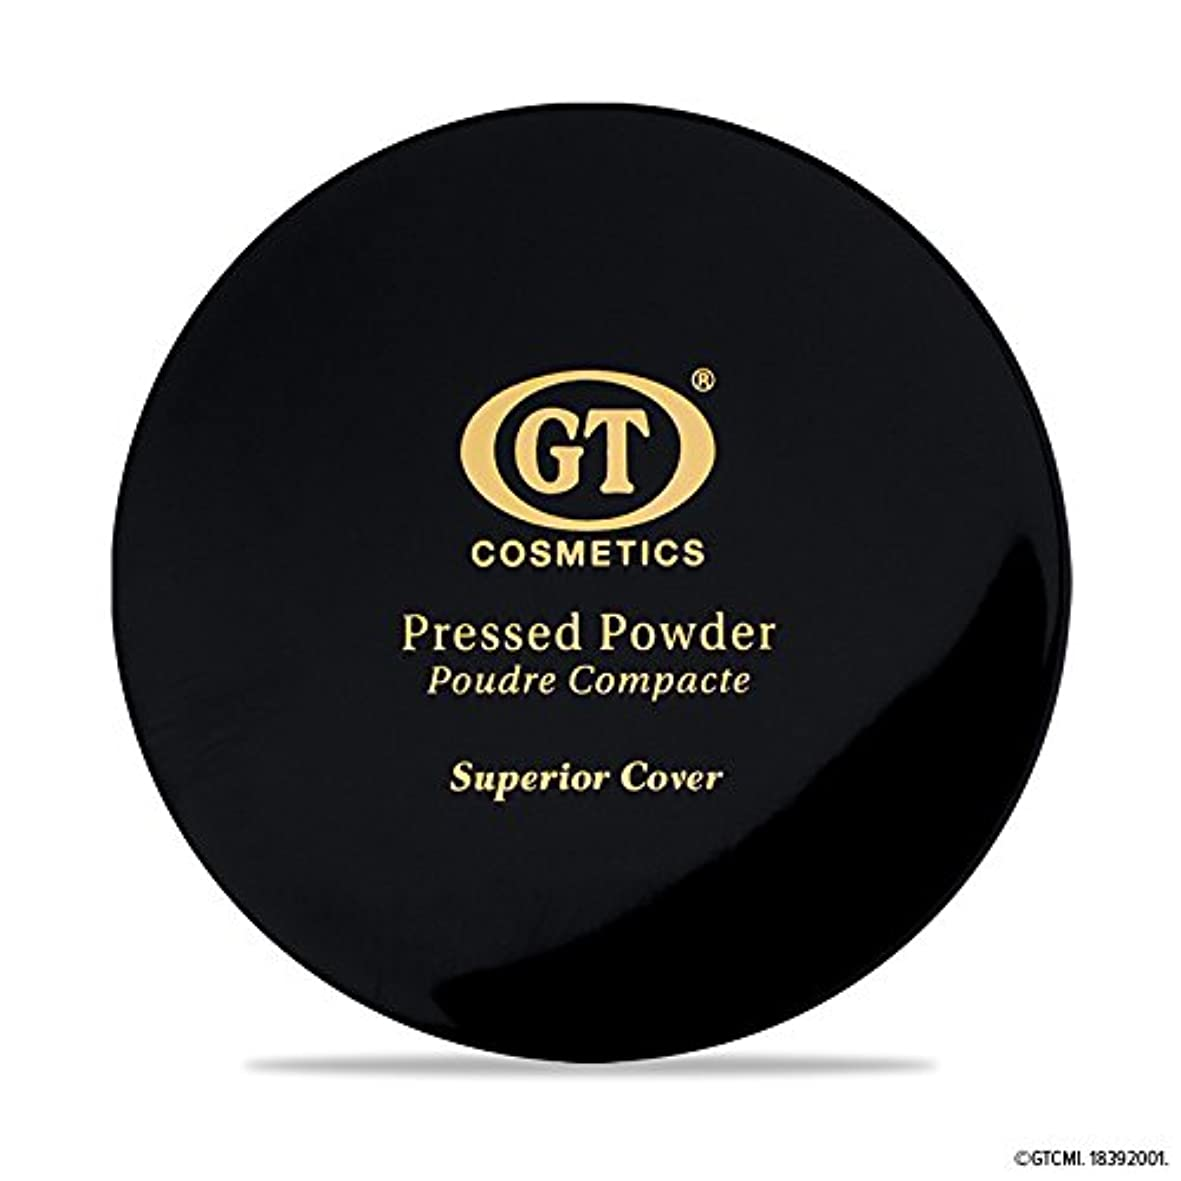 時代遅れ何もない拷問GTpressed powder ライトベージュ SPF20 正規輸入代理店 日本初上陸 コスメティック オーガニック ファンデーション